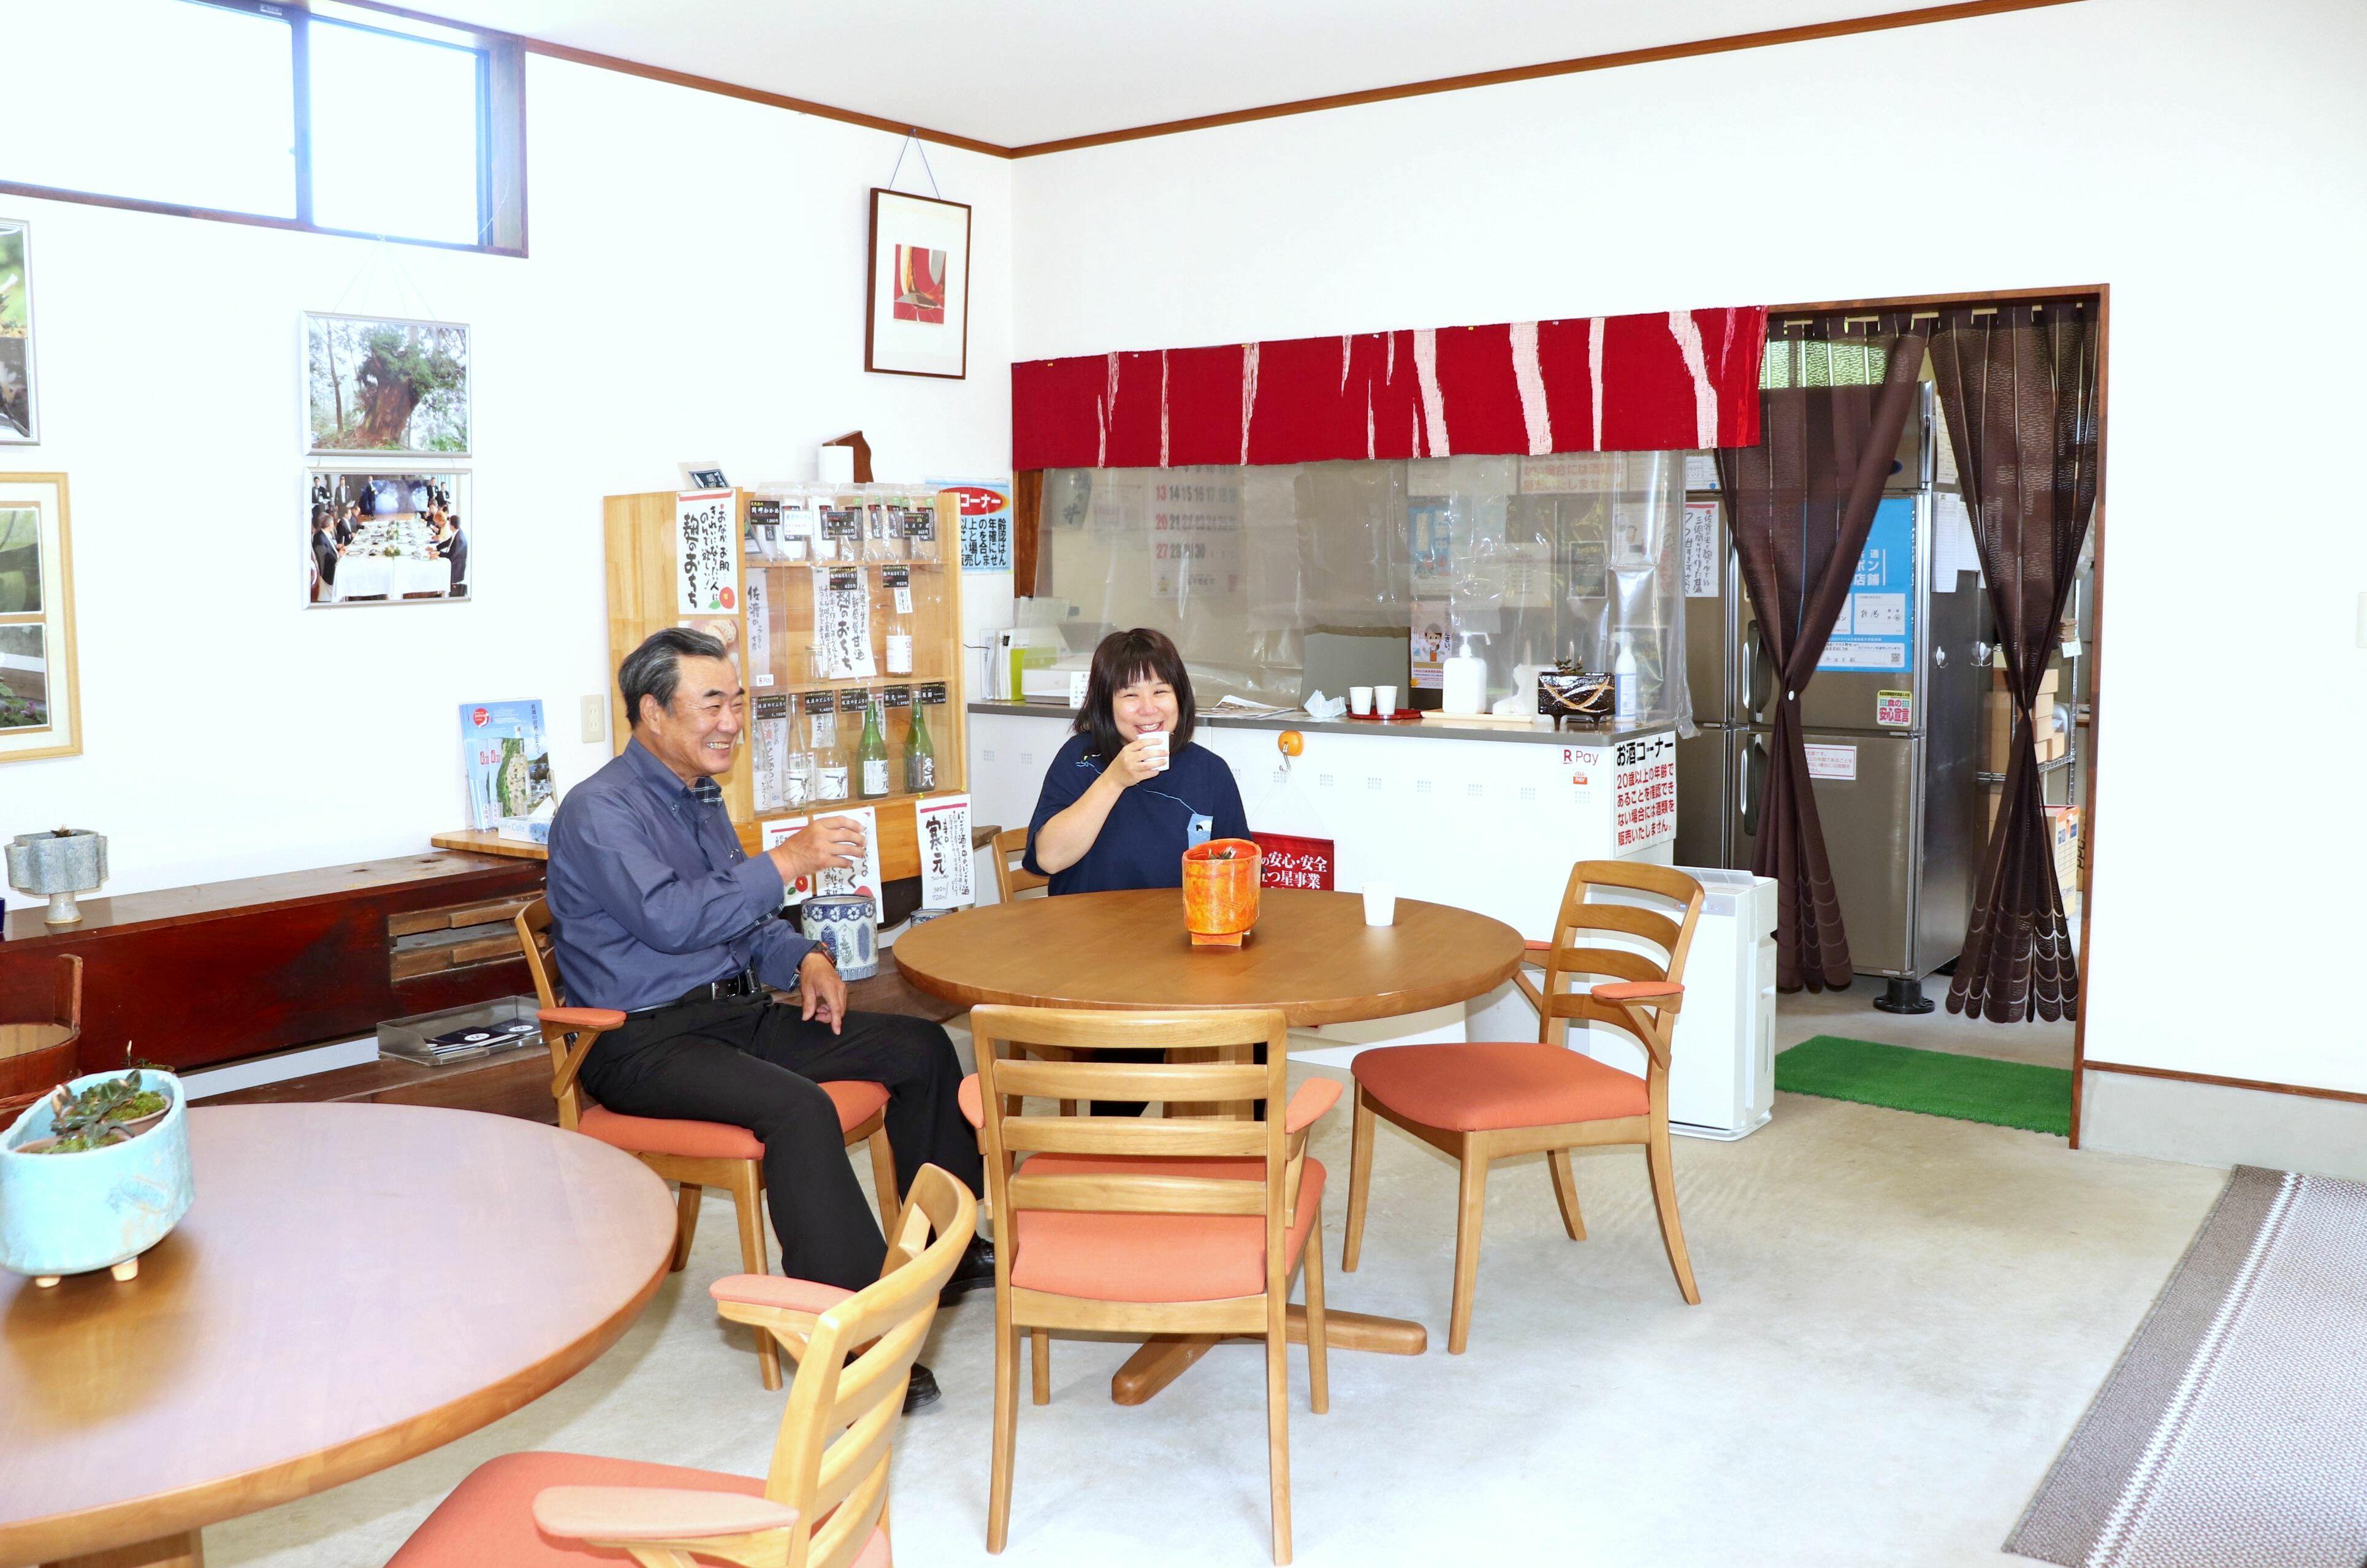 麹のおちちなどの試飲が楽しめる佐渡発酵の直売所兼休憩スペース=佐渡市関